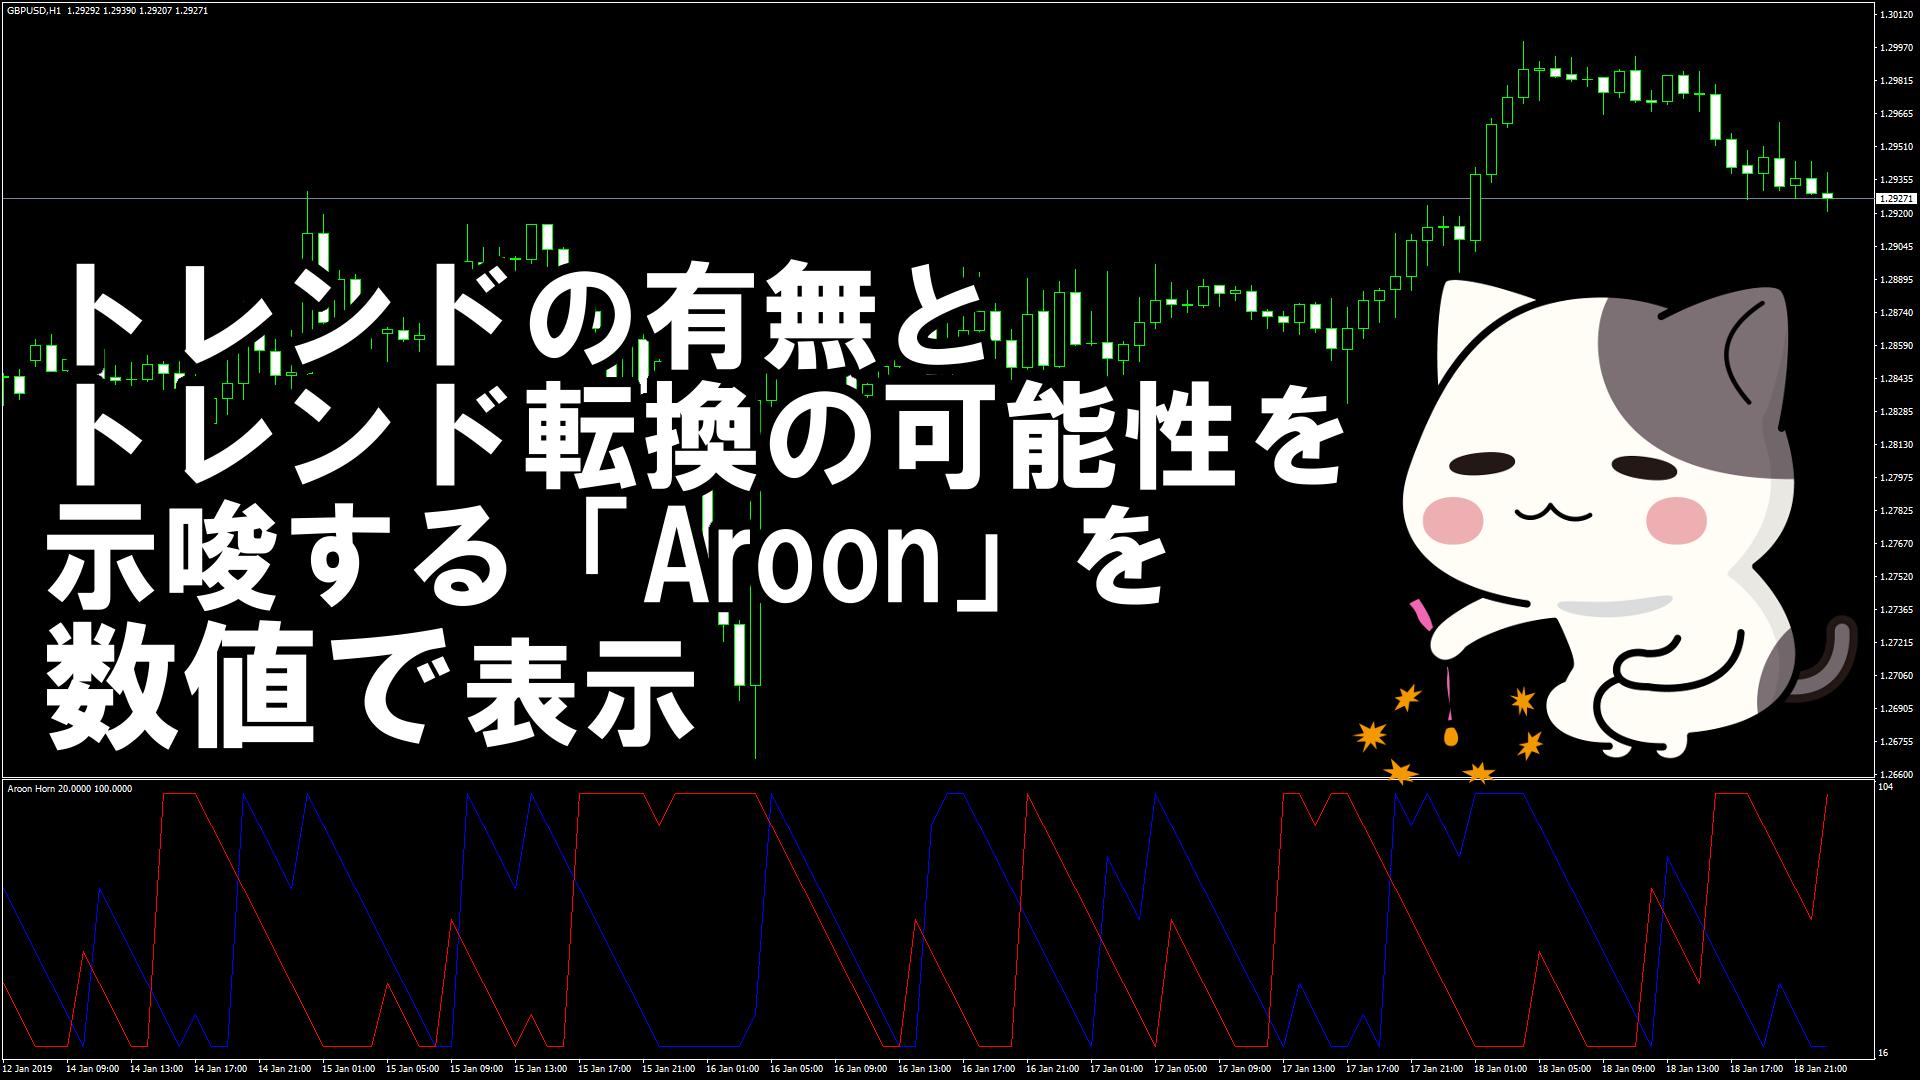 トレンドの有無とトレンド転換の可能性を示唆する「Aroon」を数値で表示するMT4インジケーター『Aroon Horn』